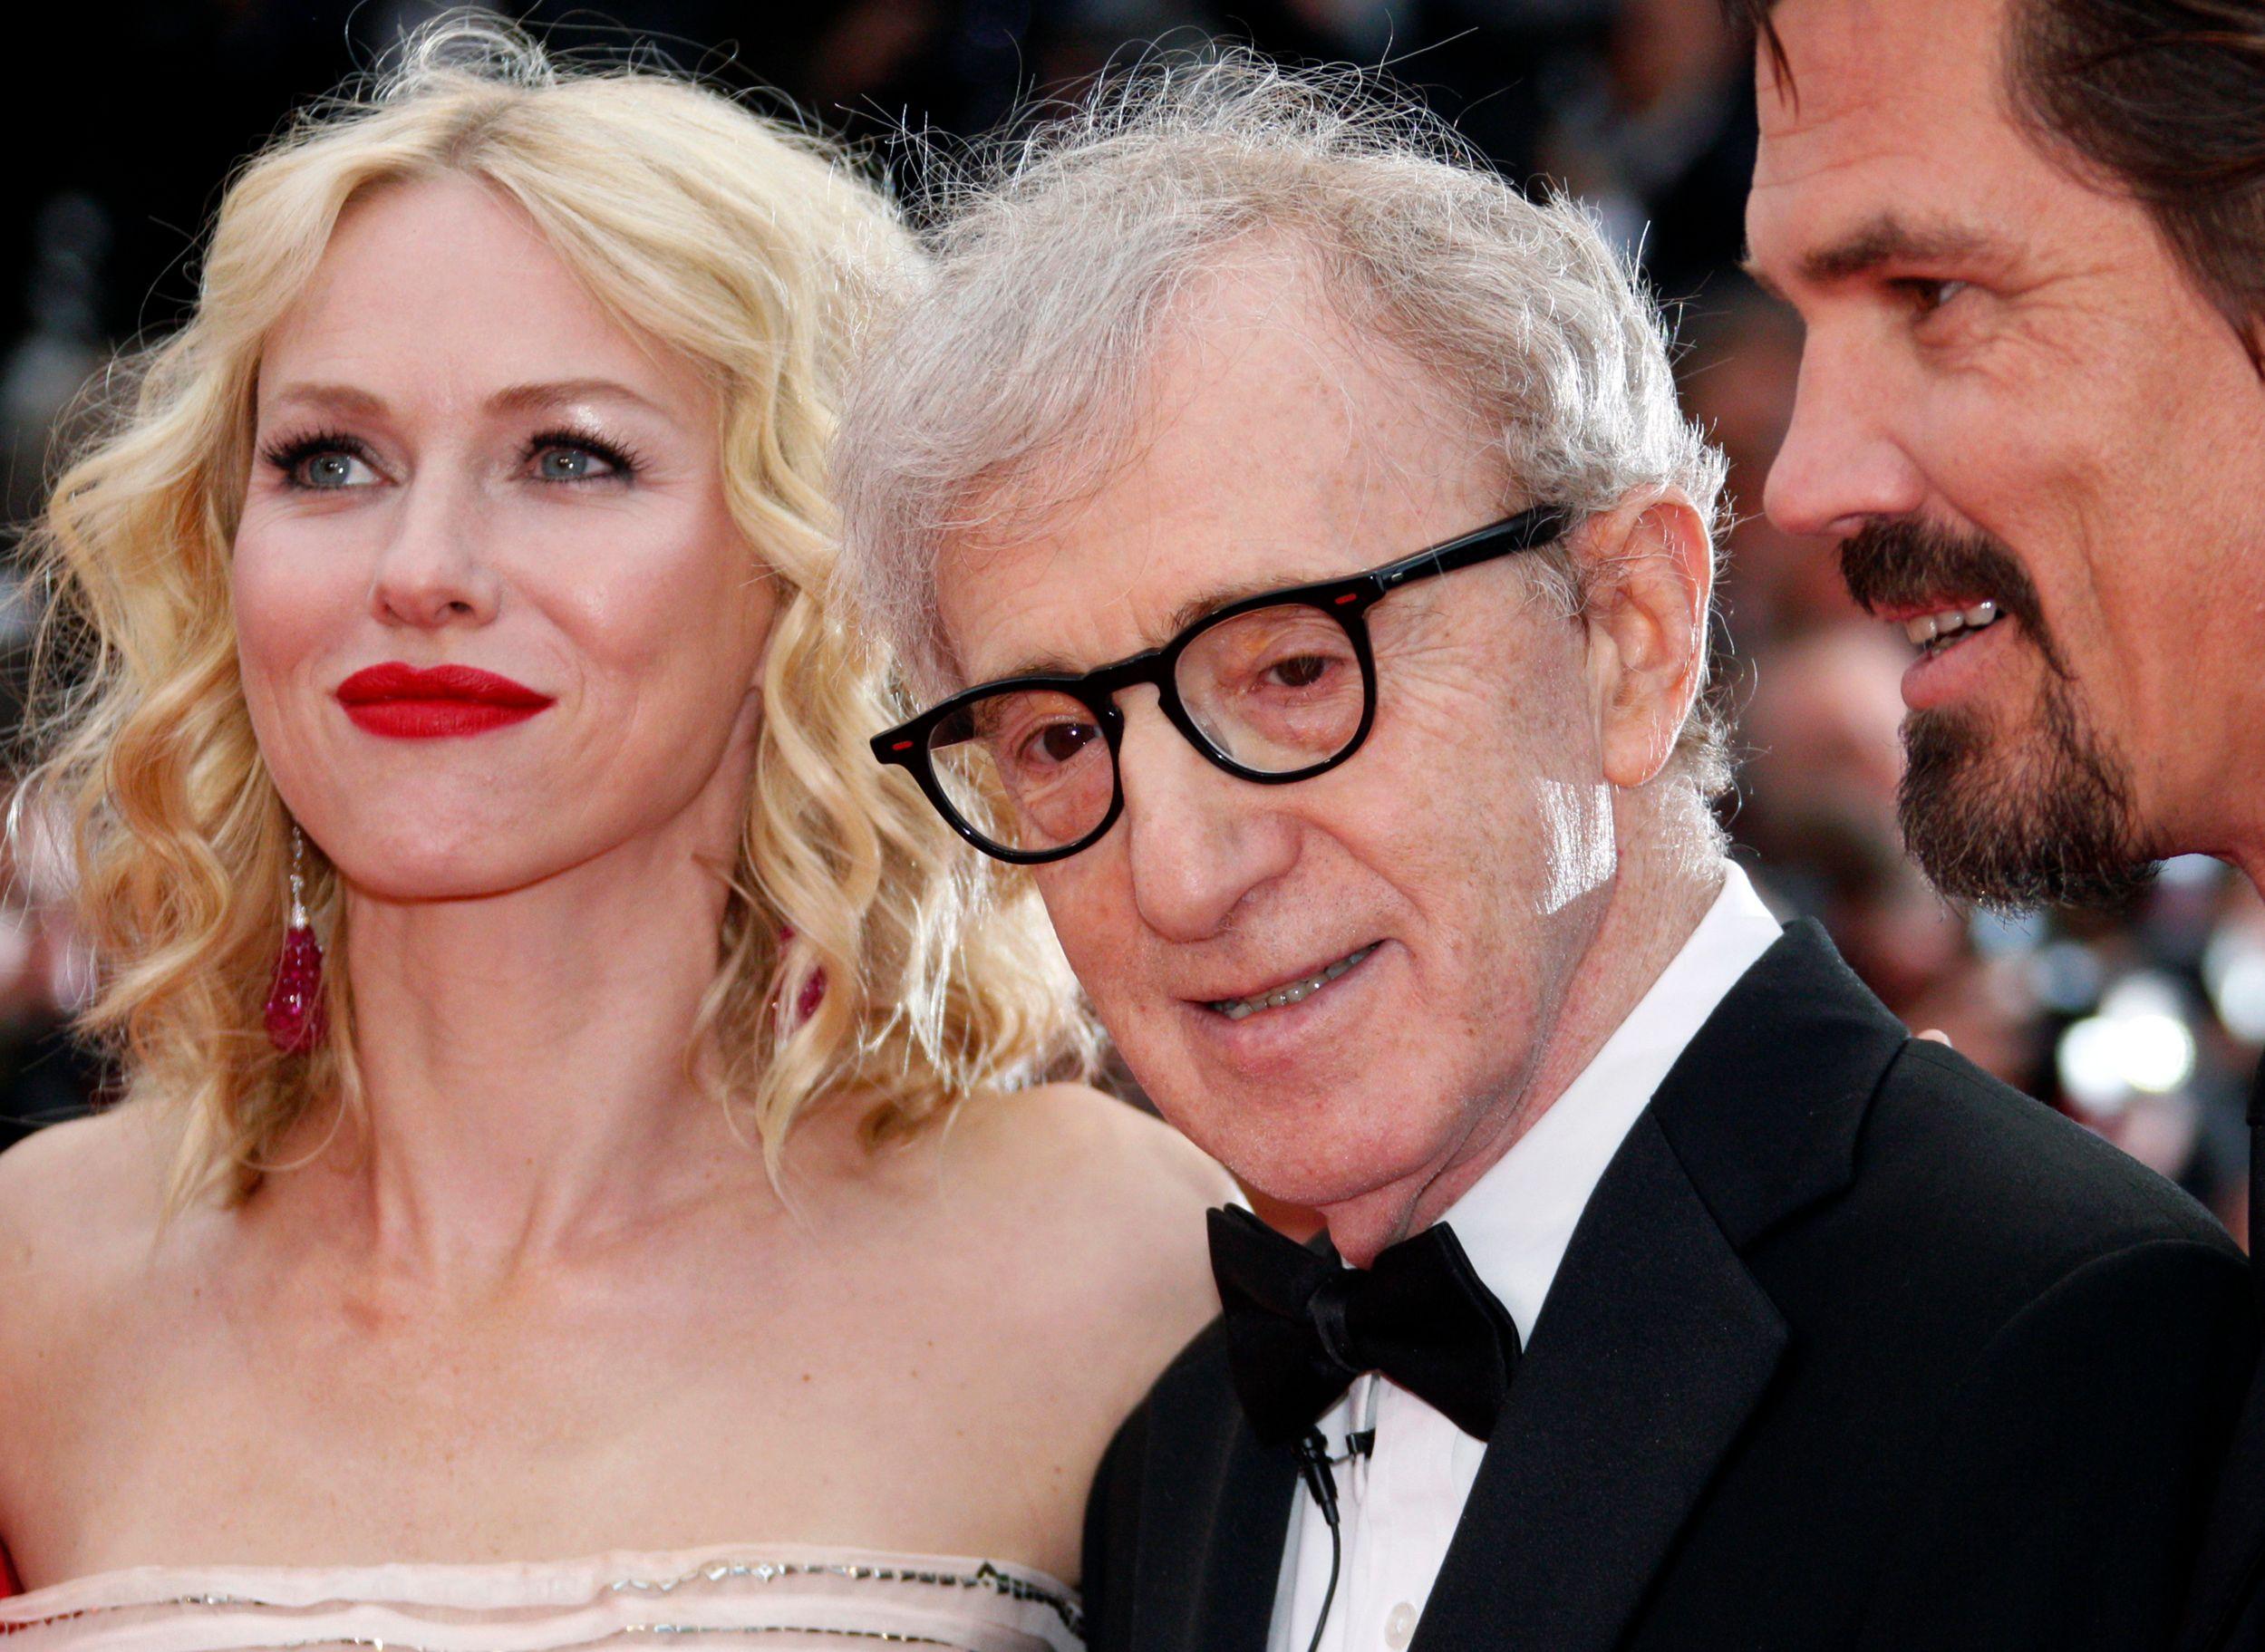 Dylan Farrow accuse Woody Allen de l'avoir agressée sexuellement